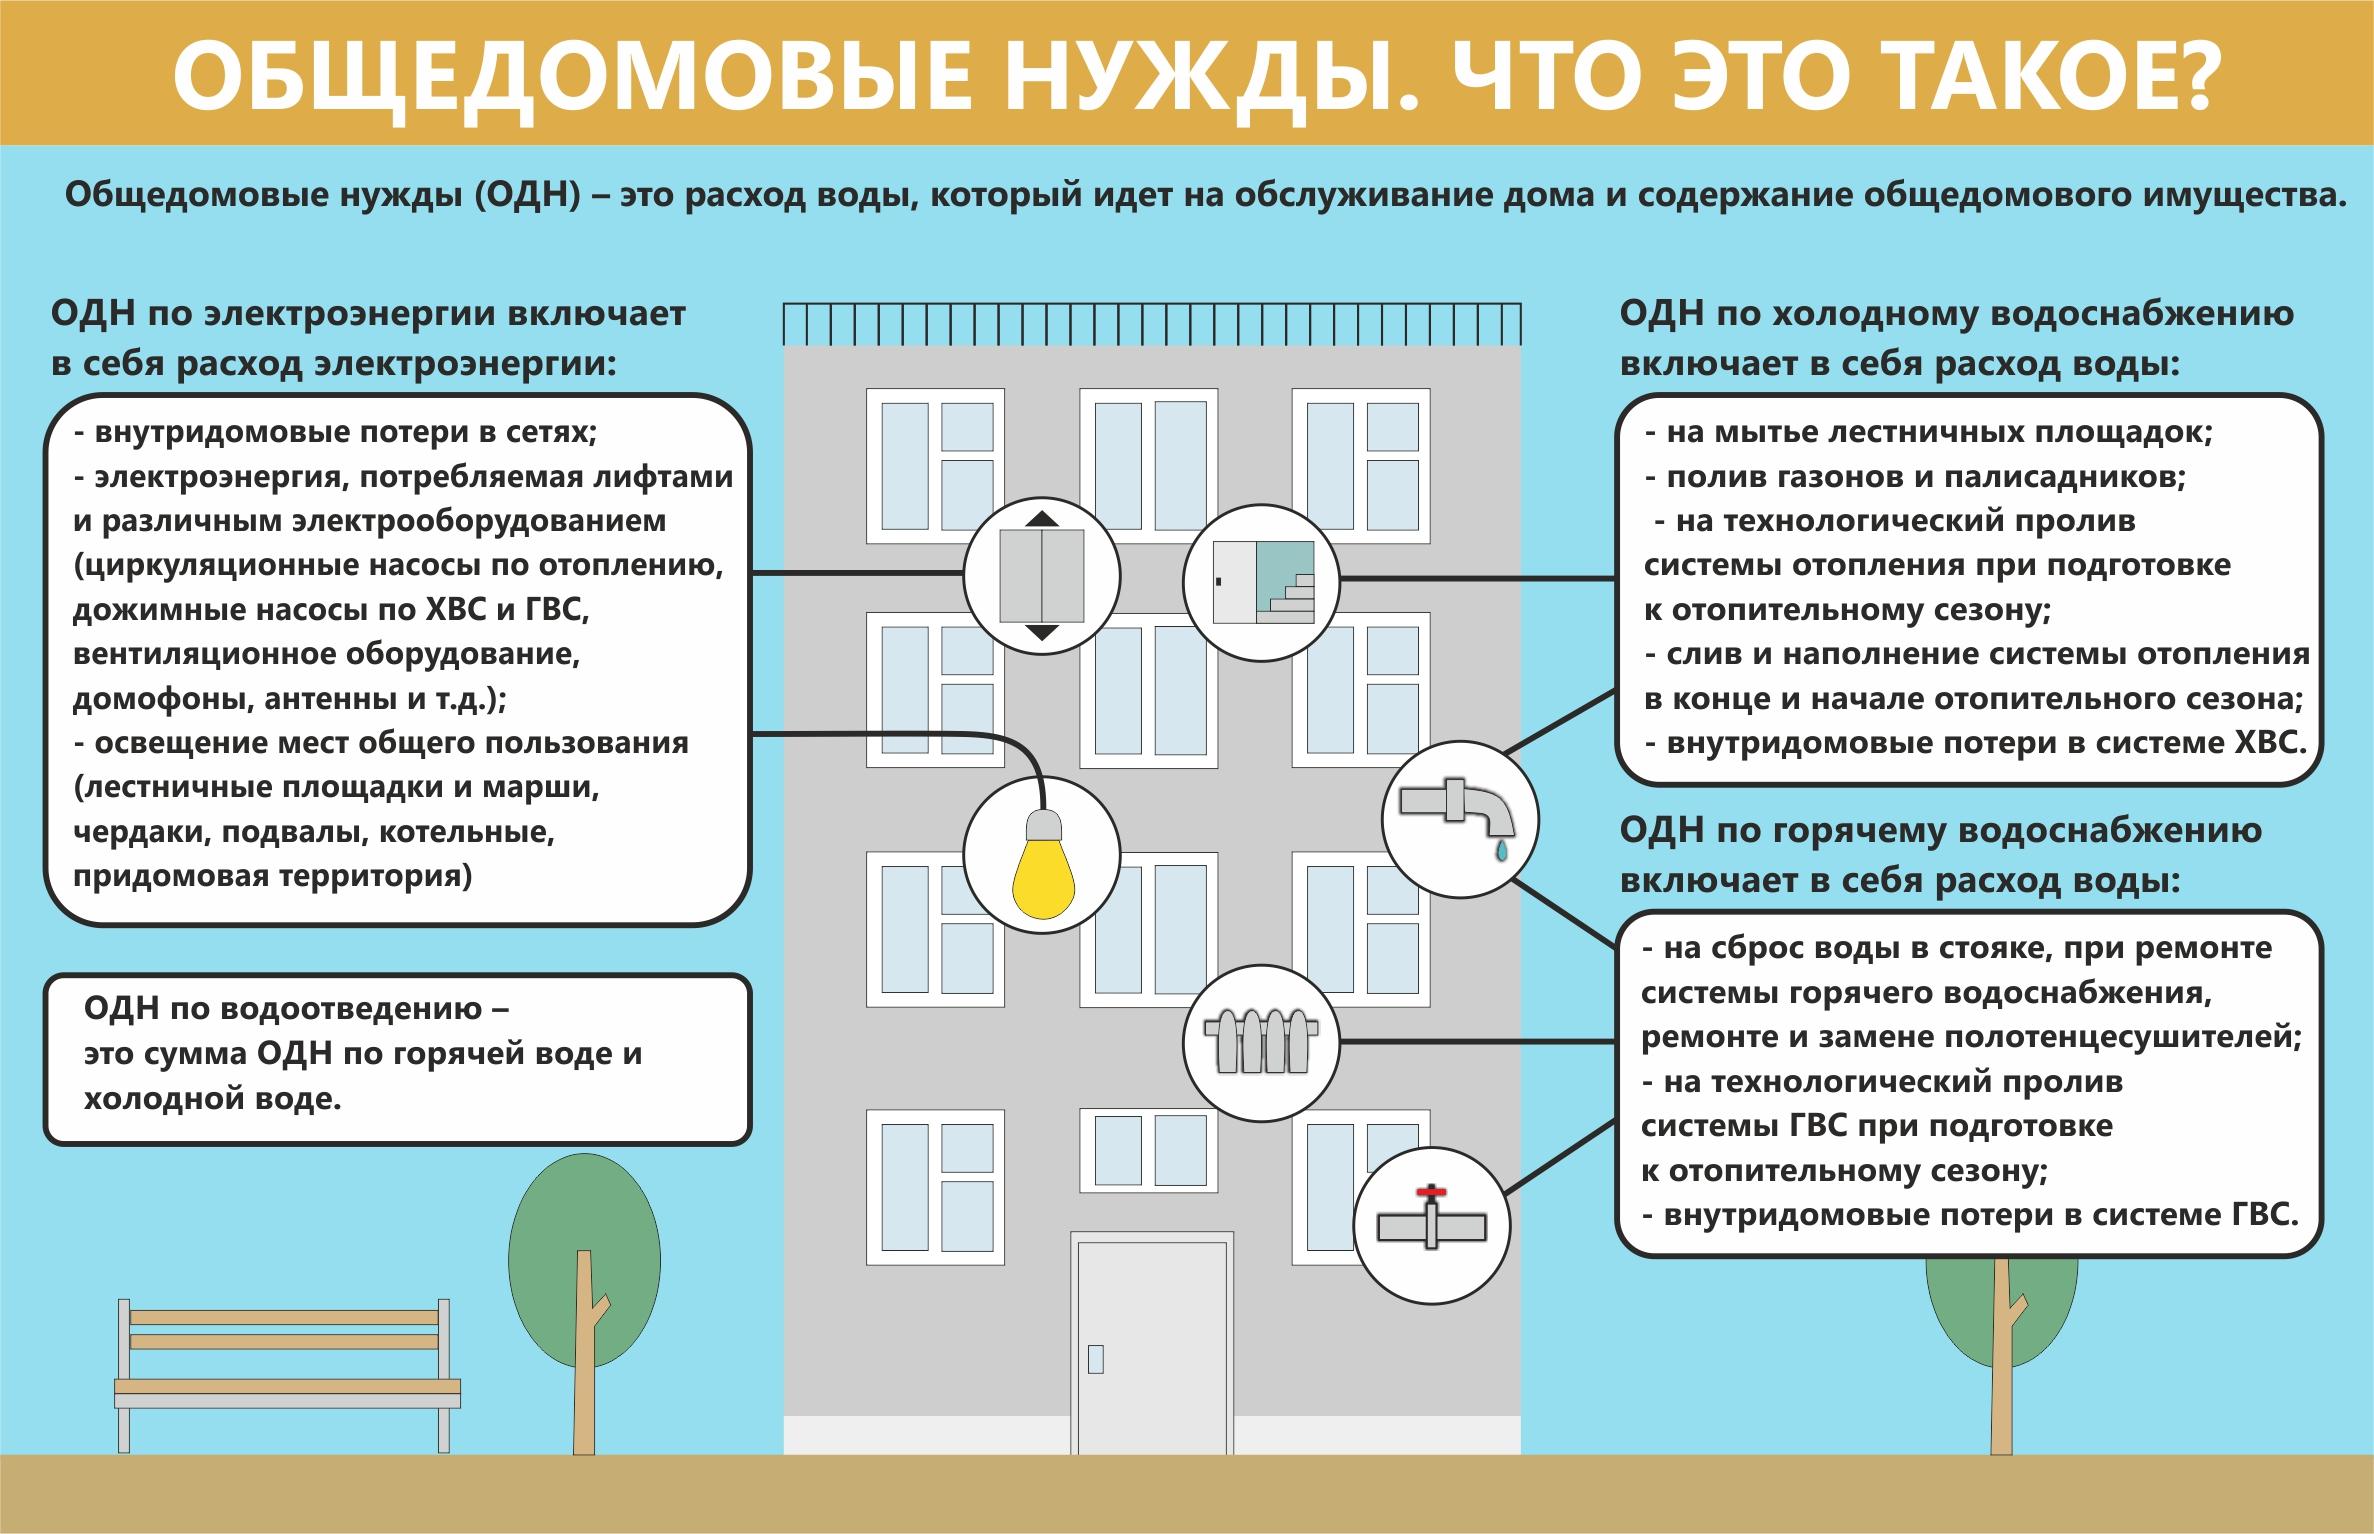 жилищный кодекс общедомовые нужды